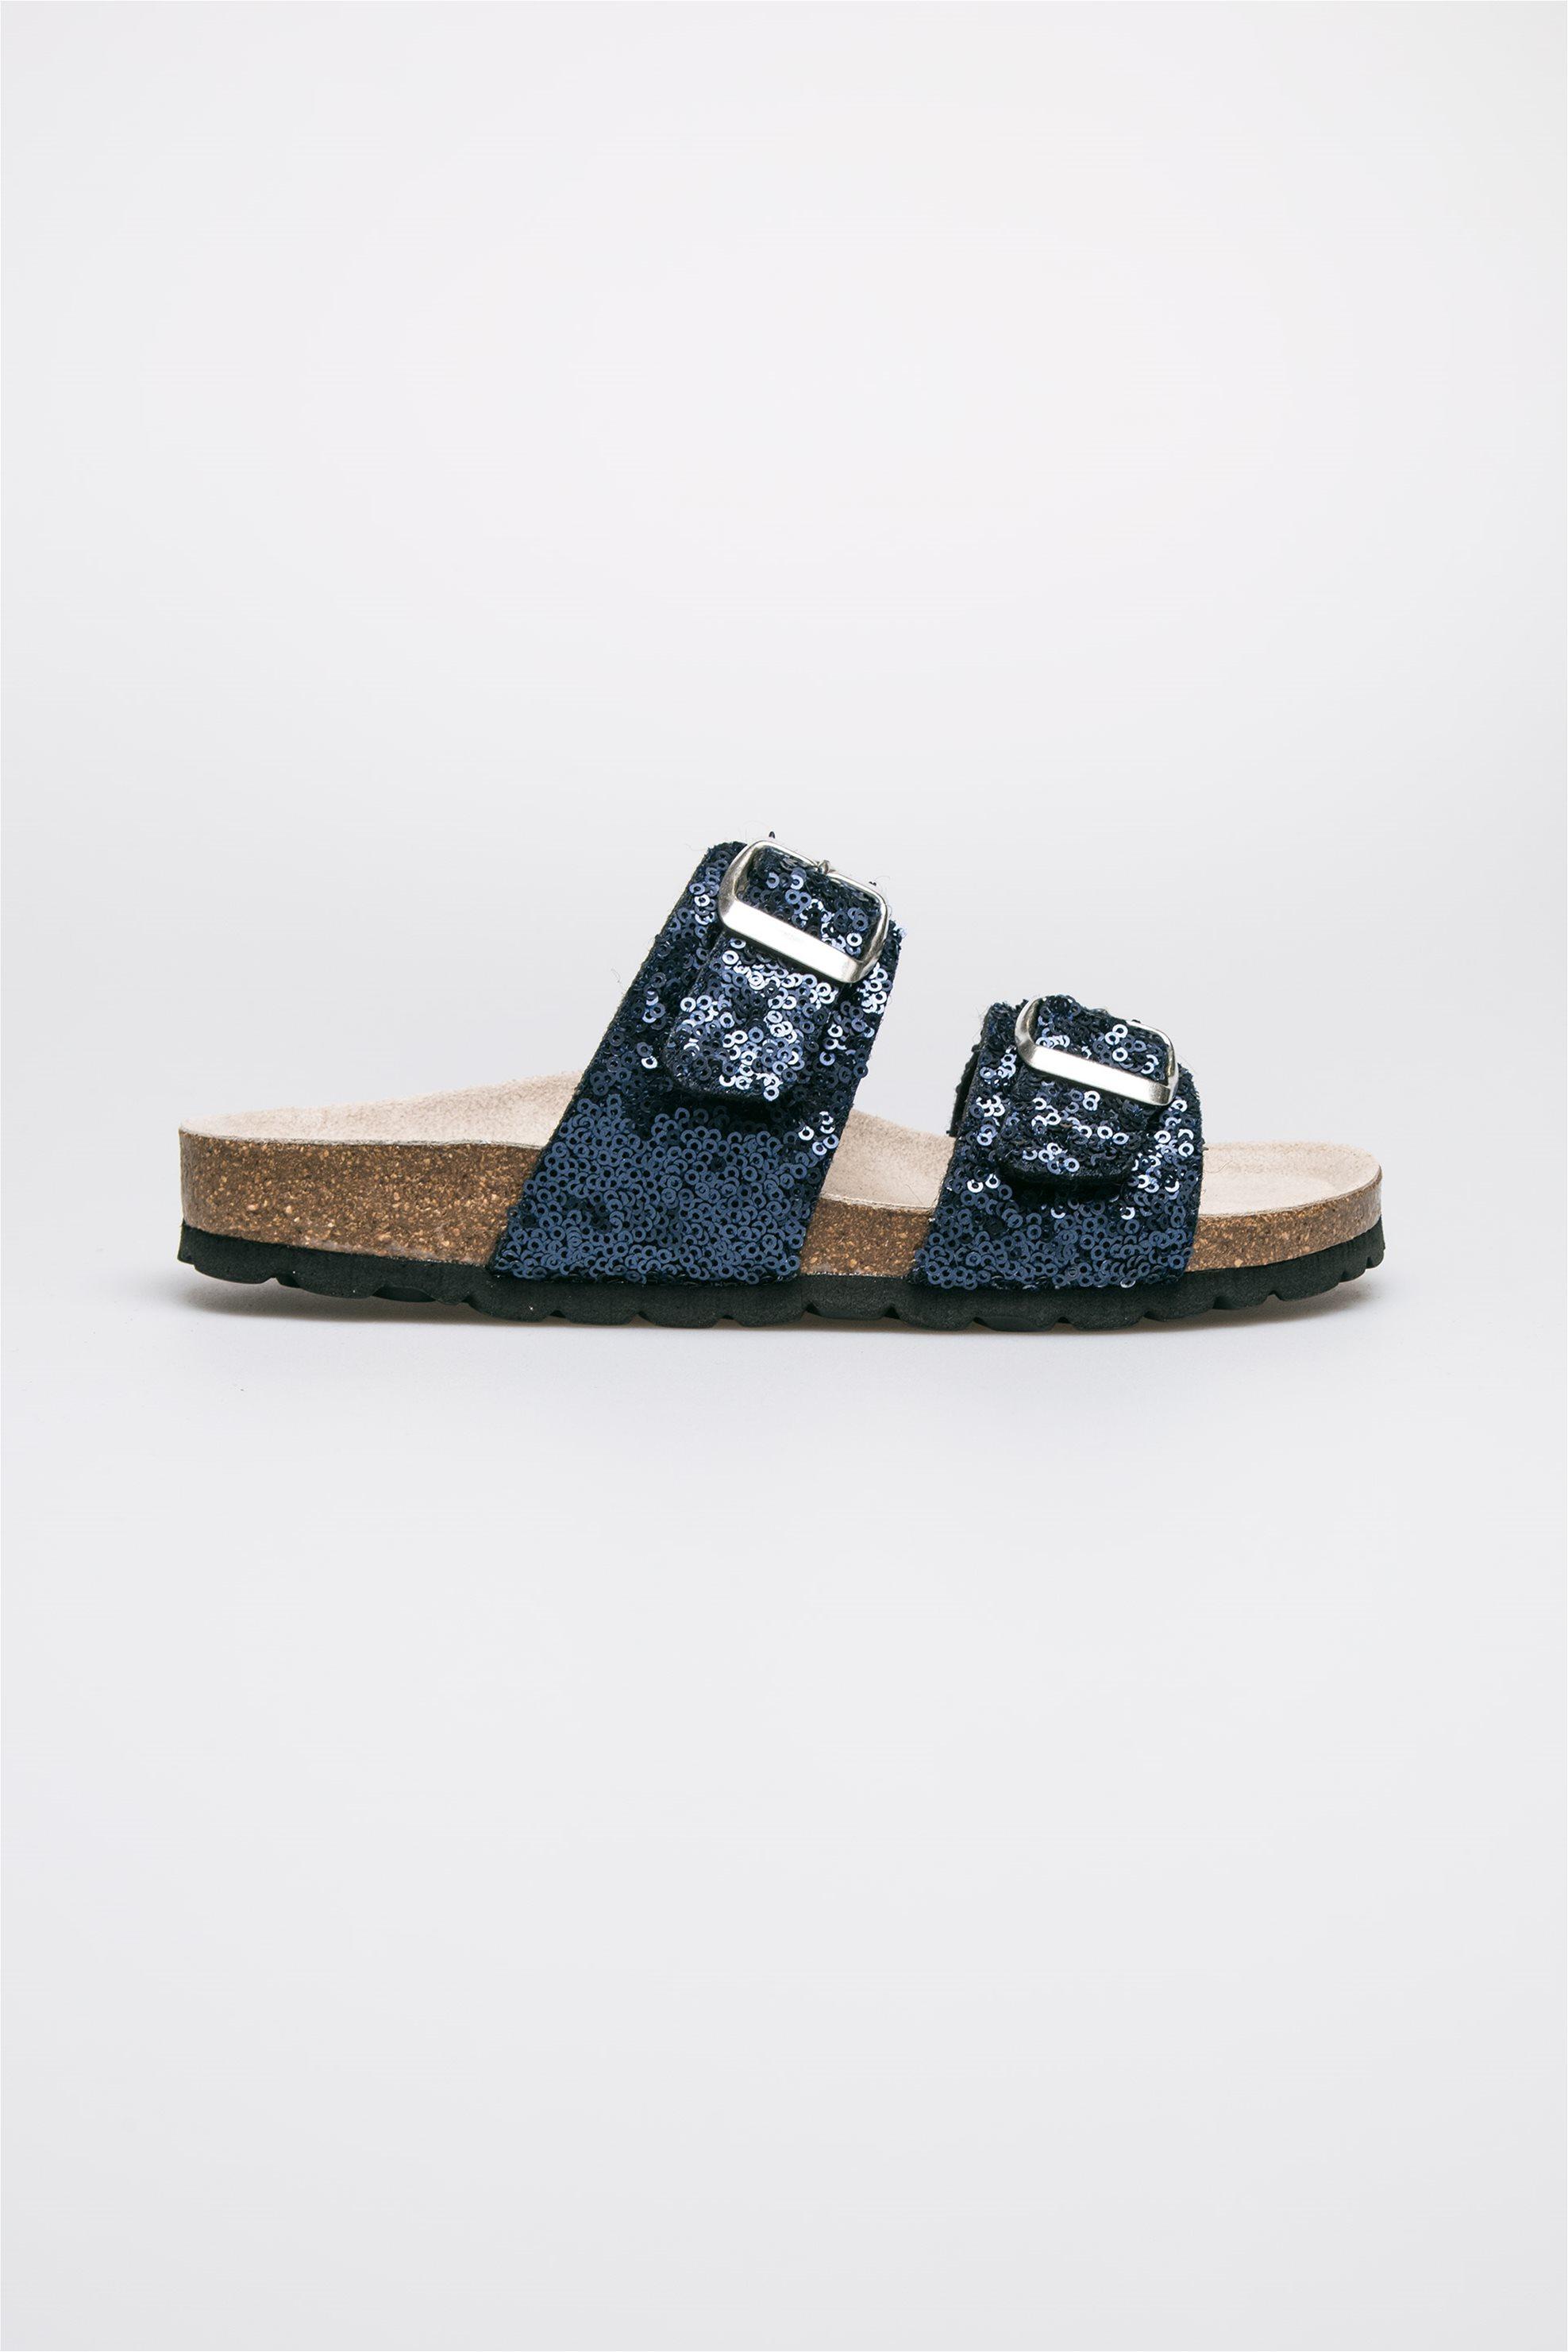 Γυναικεία παπούτσια Esprit - 047EK1W032 - Μπλε Σκούρο